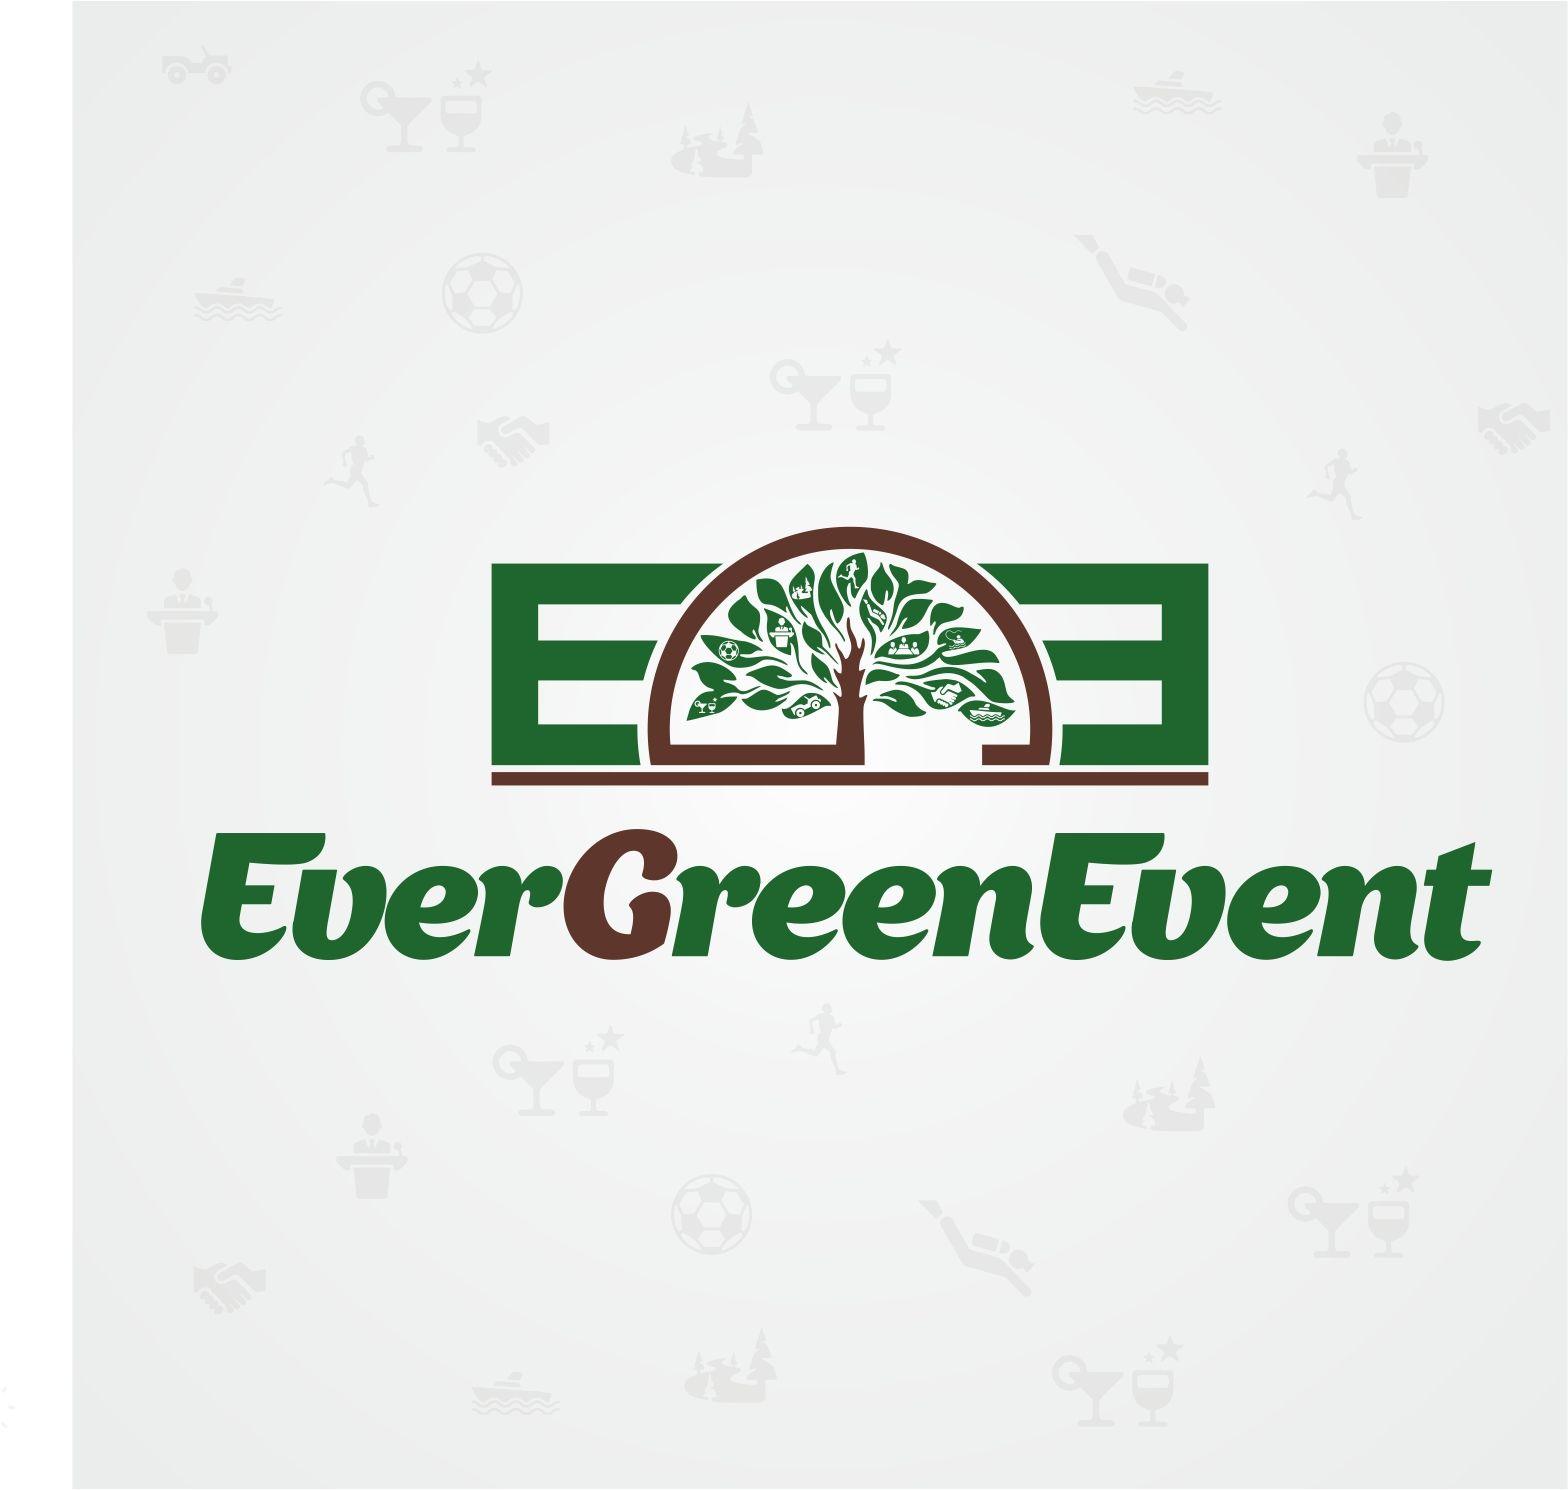 Логотип и эл-ты фир стиля для event компании - дизайнер hsochi